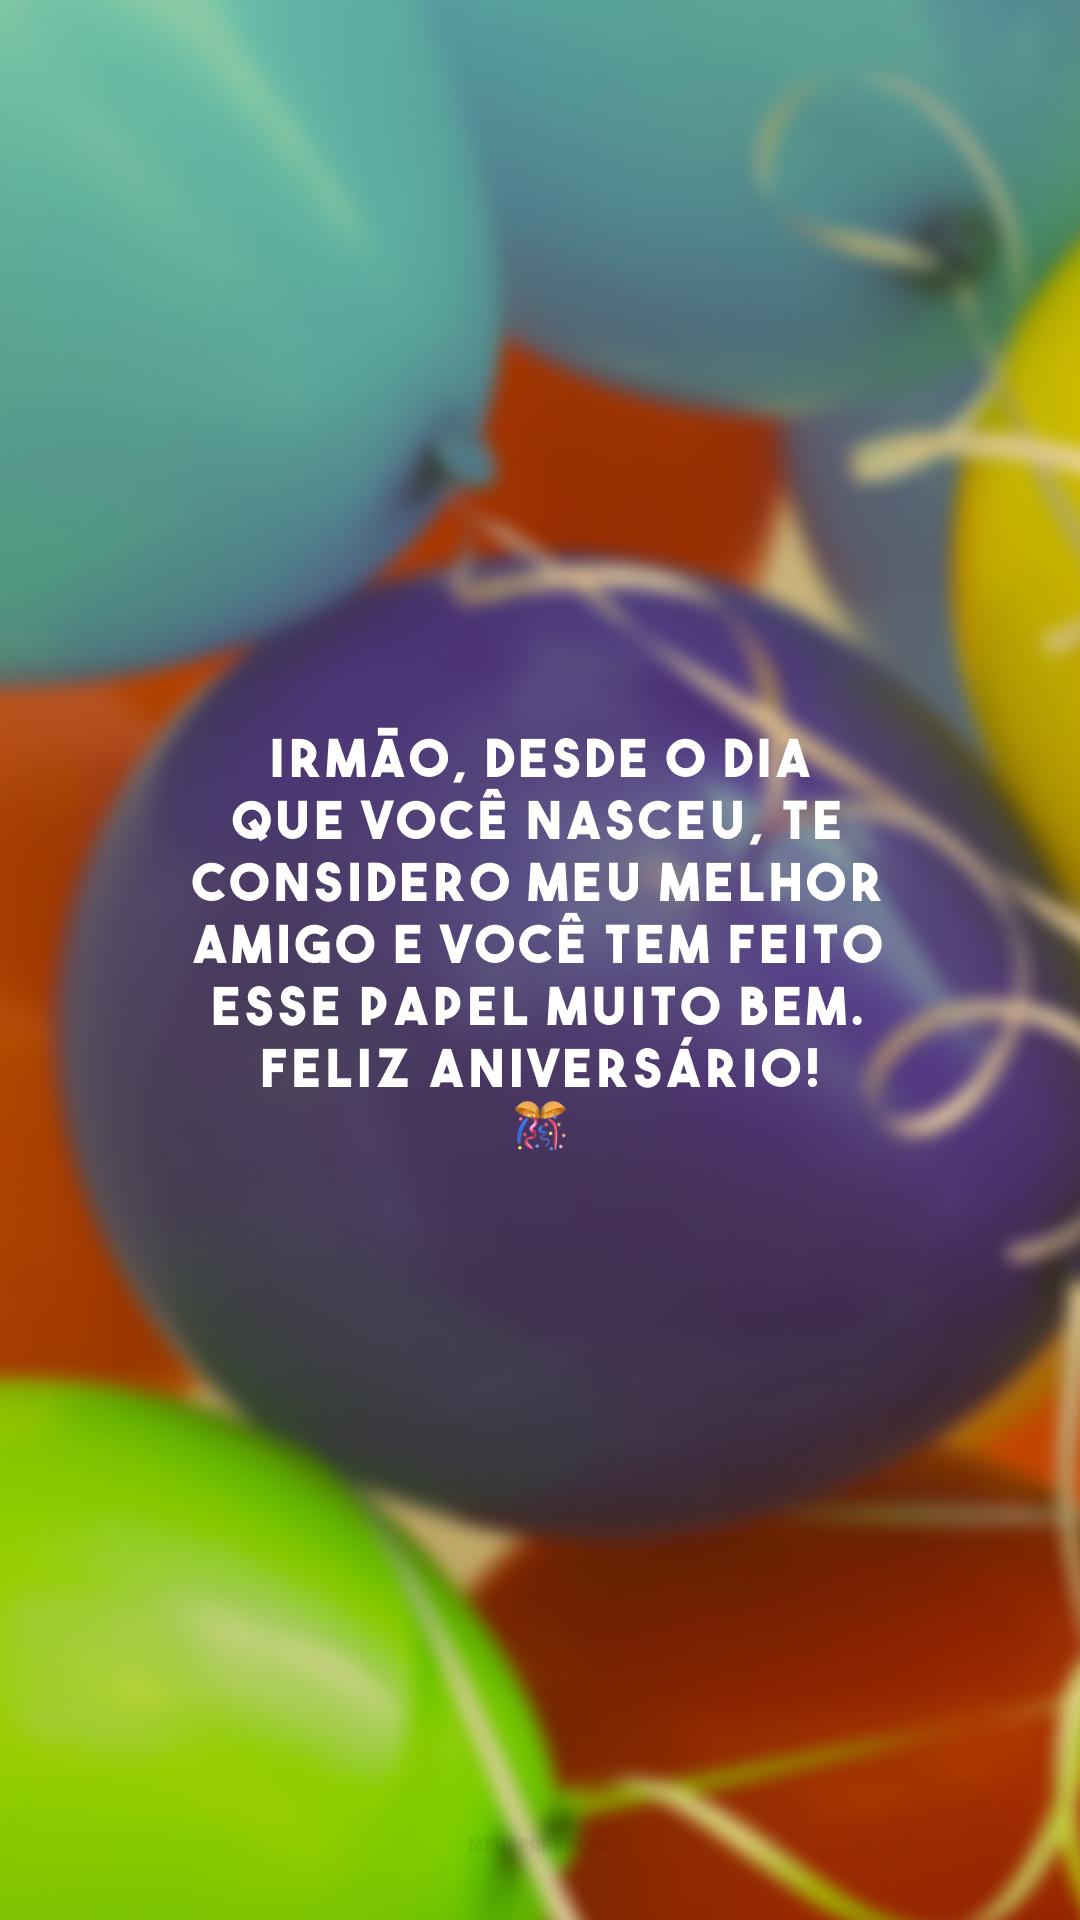 Irmão, desde o dia que você nasceu, te considero meu melhor amigo e você tem feito esse papel muito bem. Feliz aniversário! 🎊